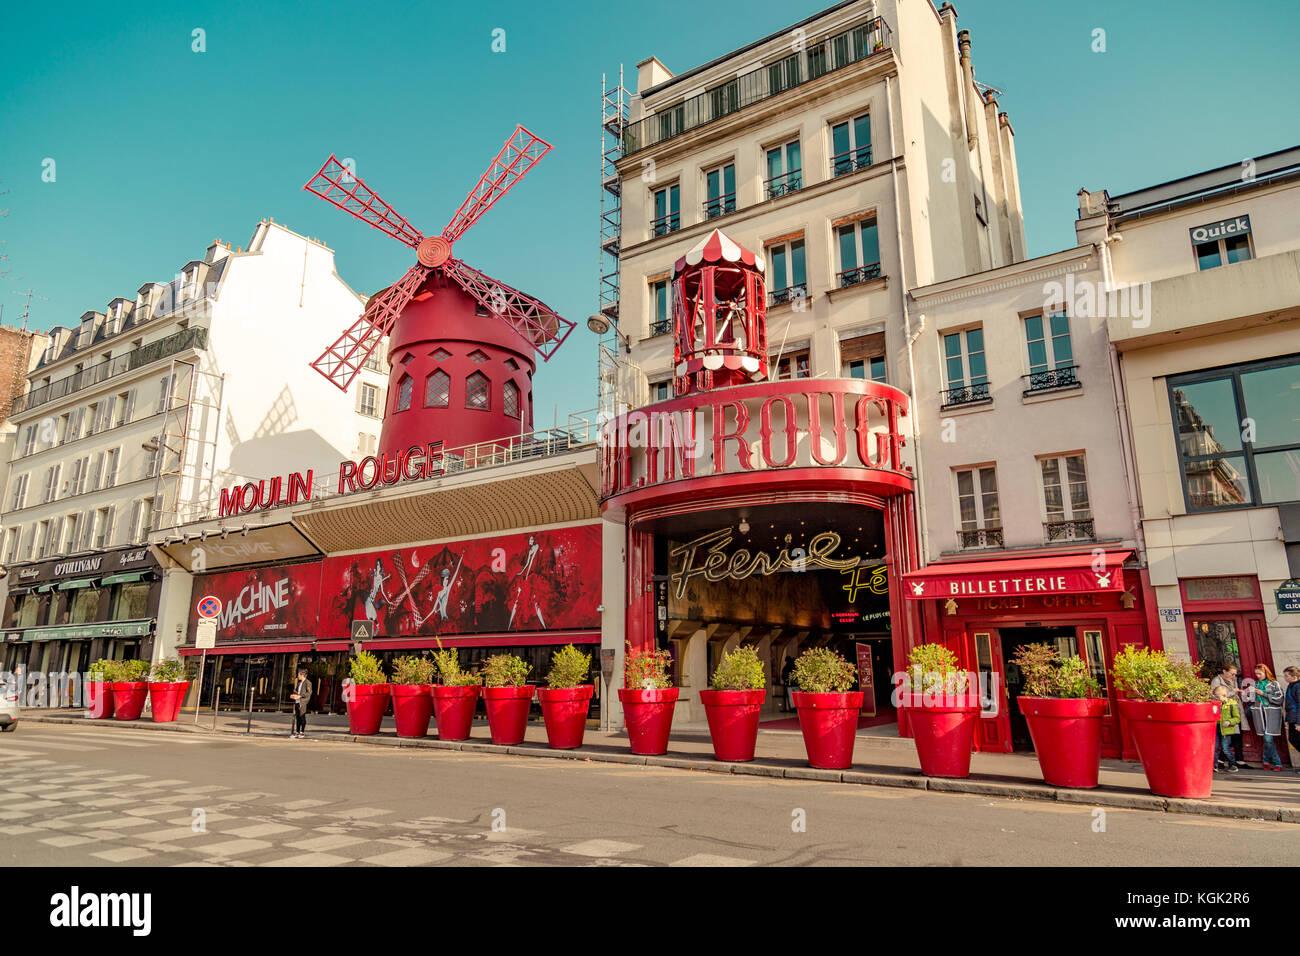 Paris, Frankreich, 31. März 2017: Moulin Rouge ist ein berühmtes Kabarett 1889, Position im Pariser Rotlichtviertel Stockbild